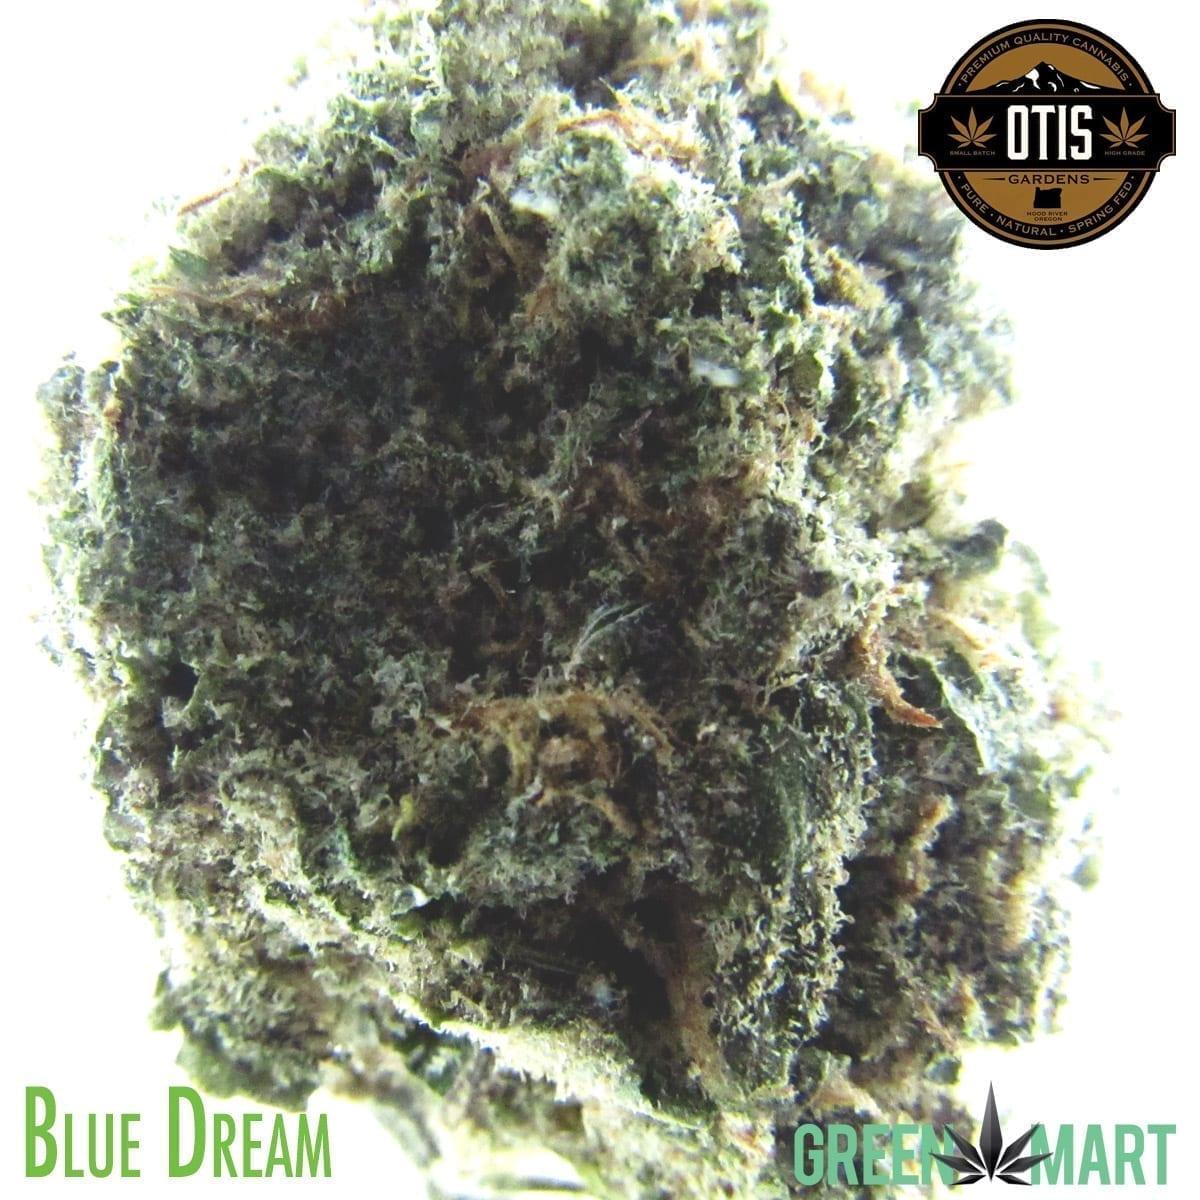 Blue Dream by Otis Gardens